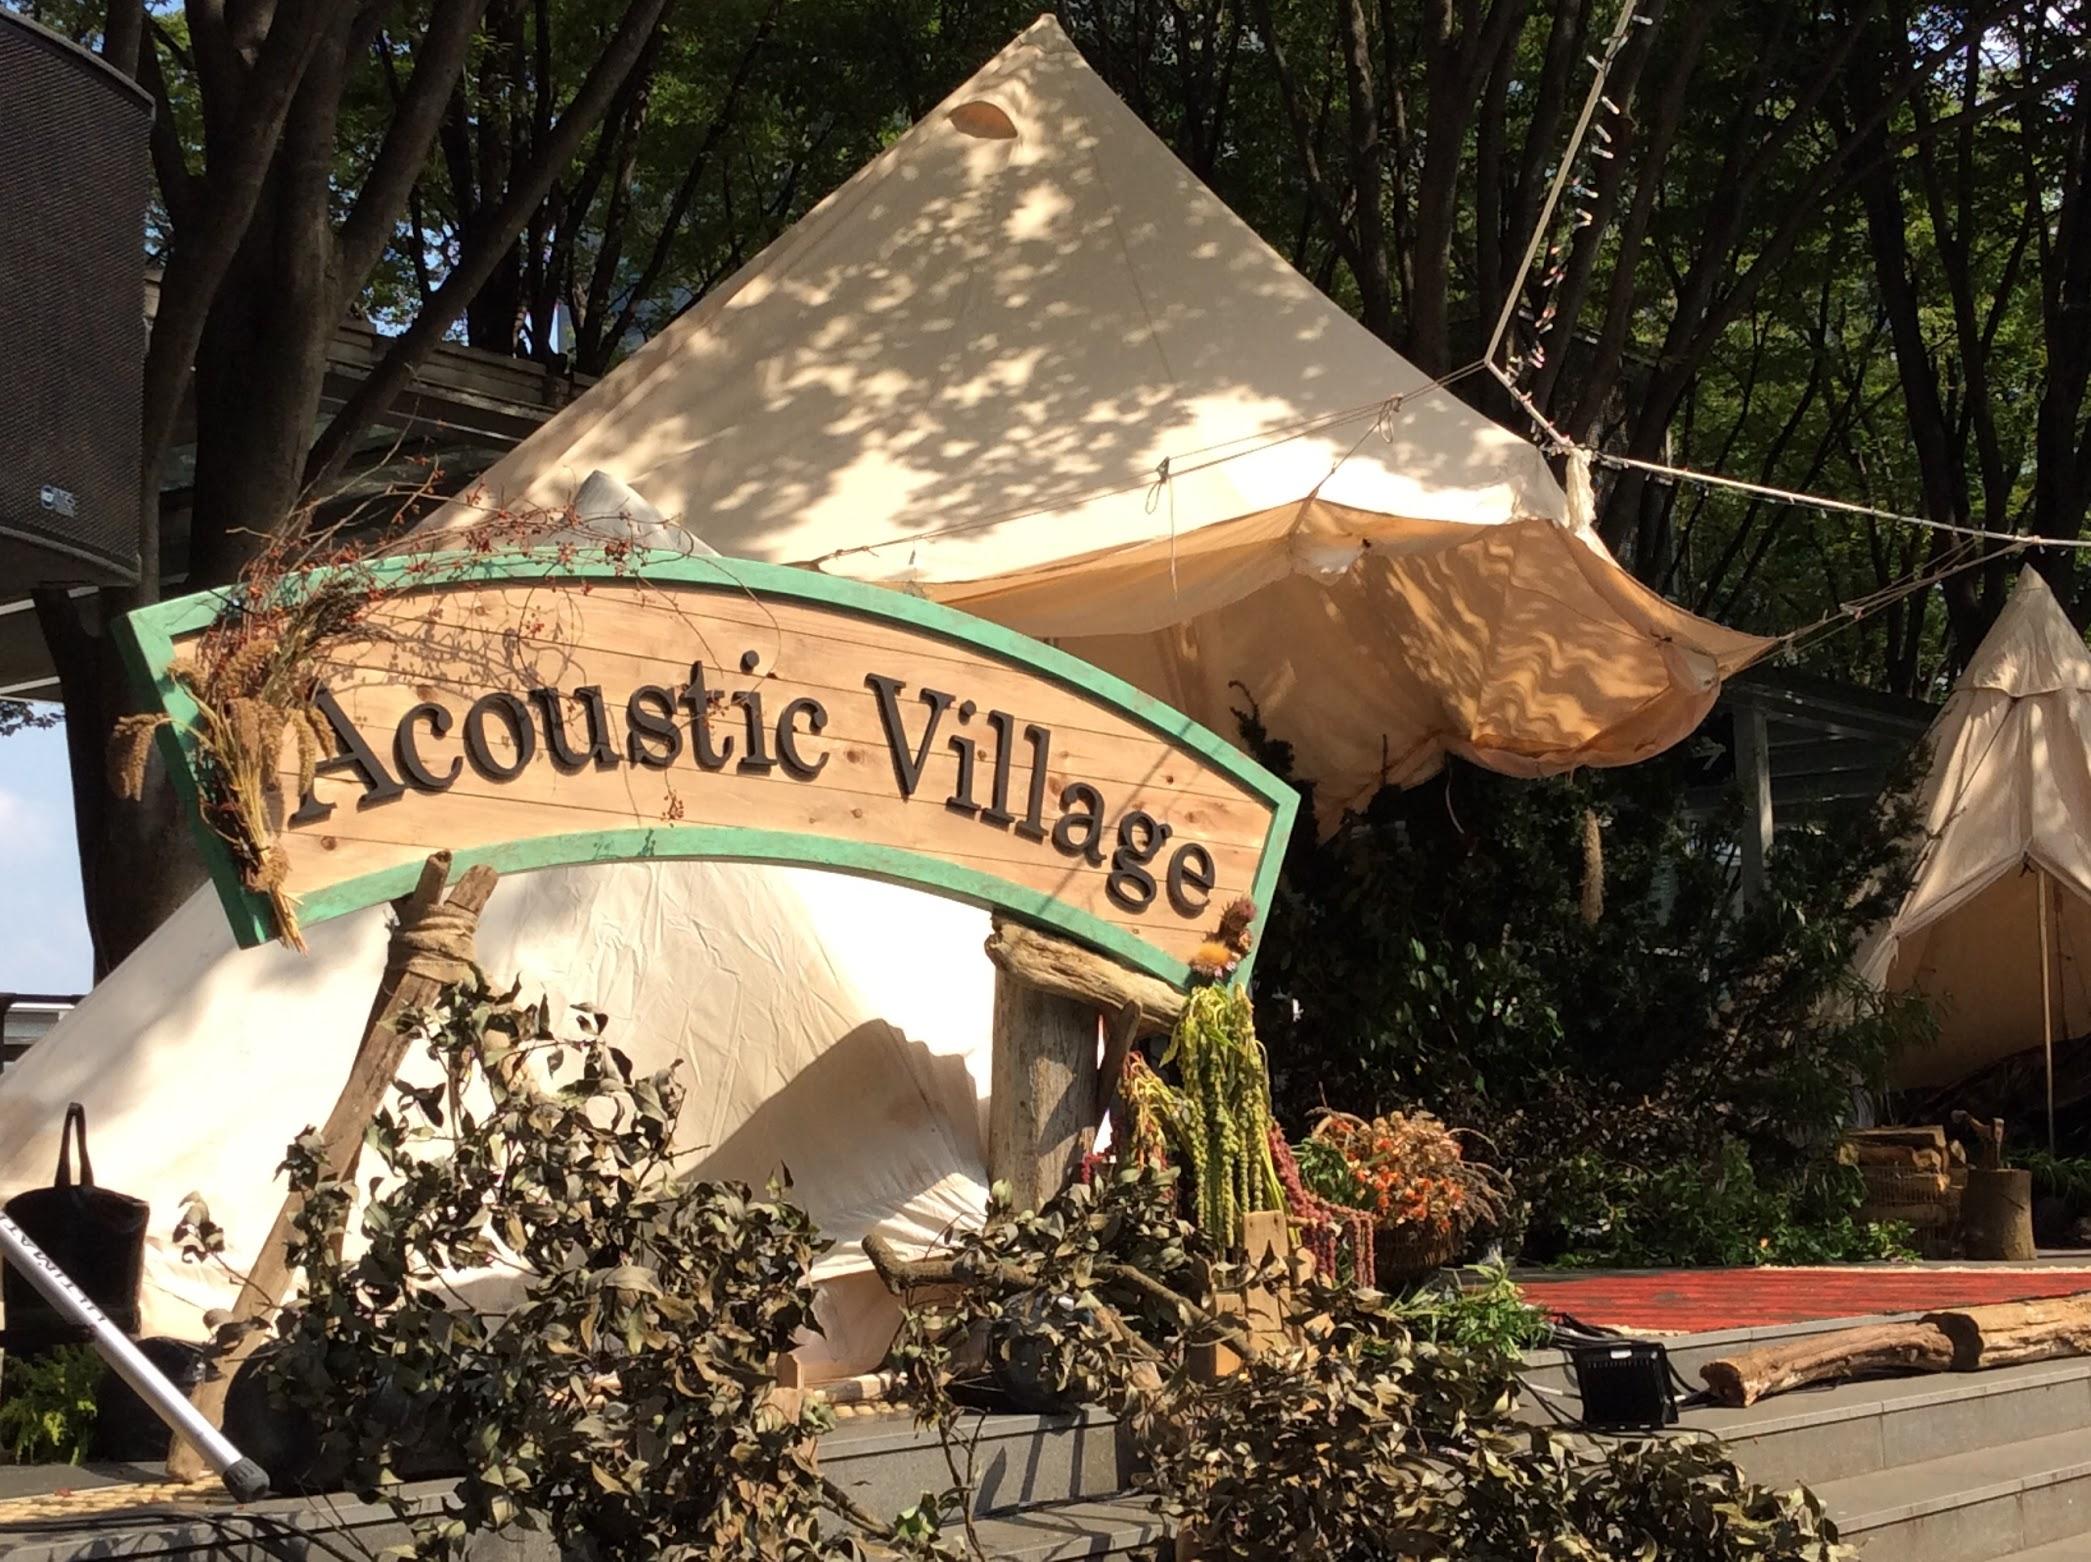 acoustic village 2016